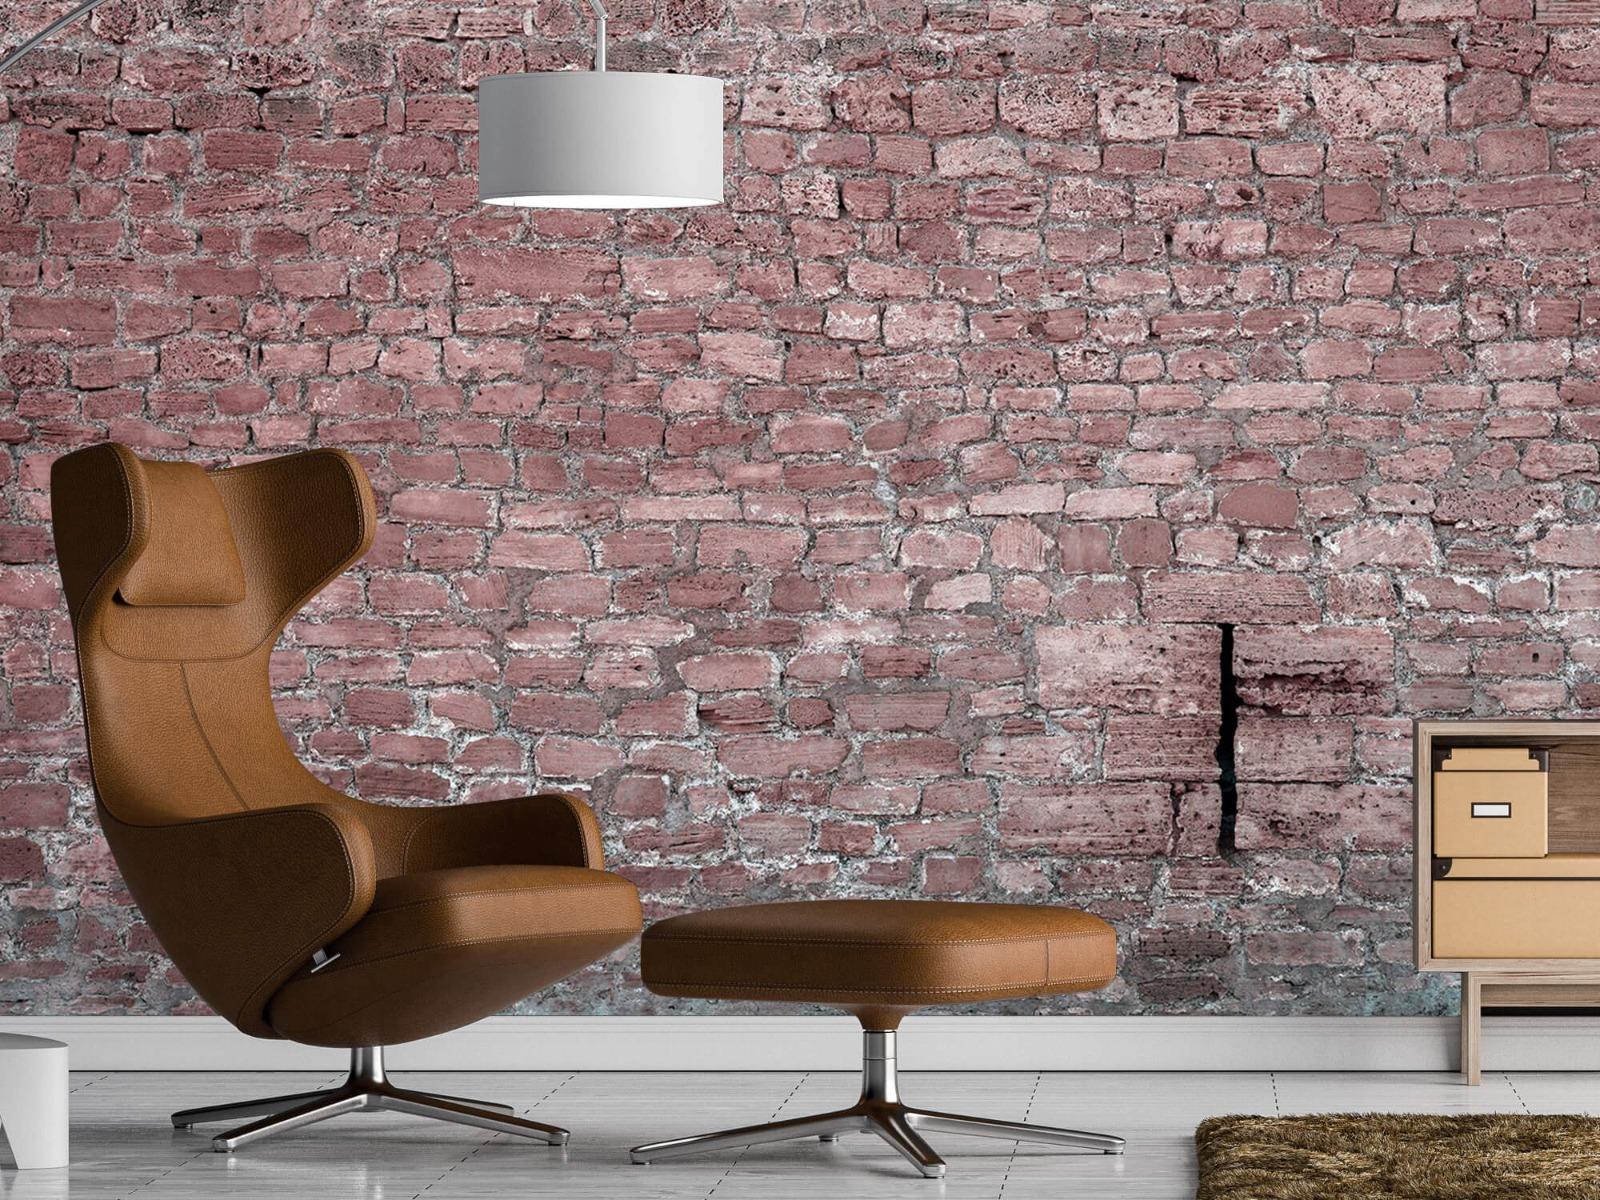 Steen behang - Muur van oude stenen - Tienerkamer 19